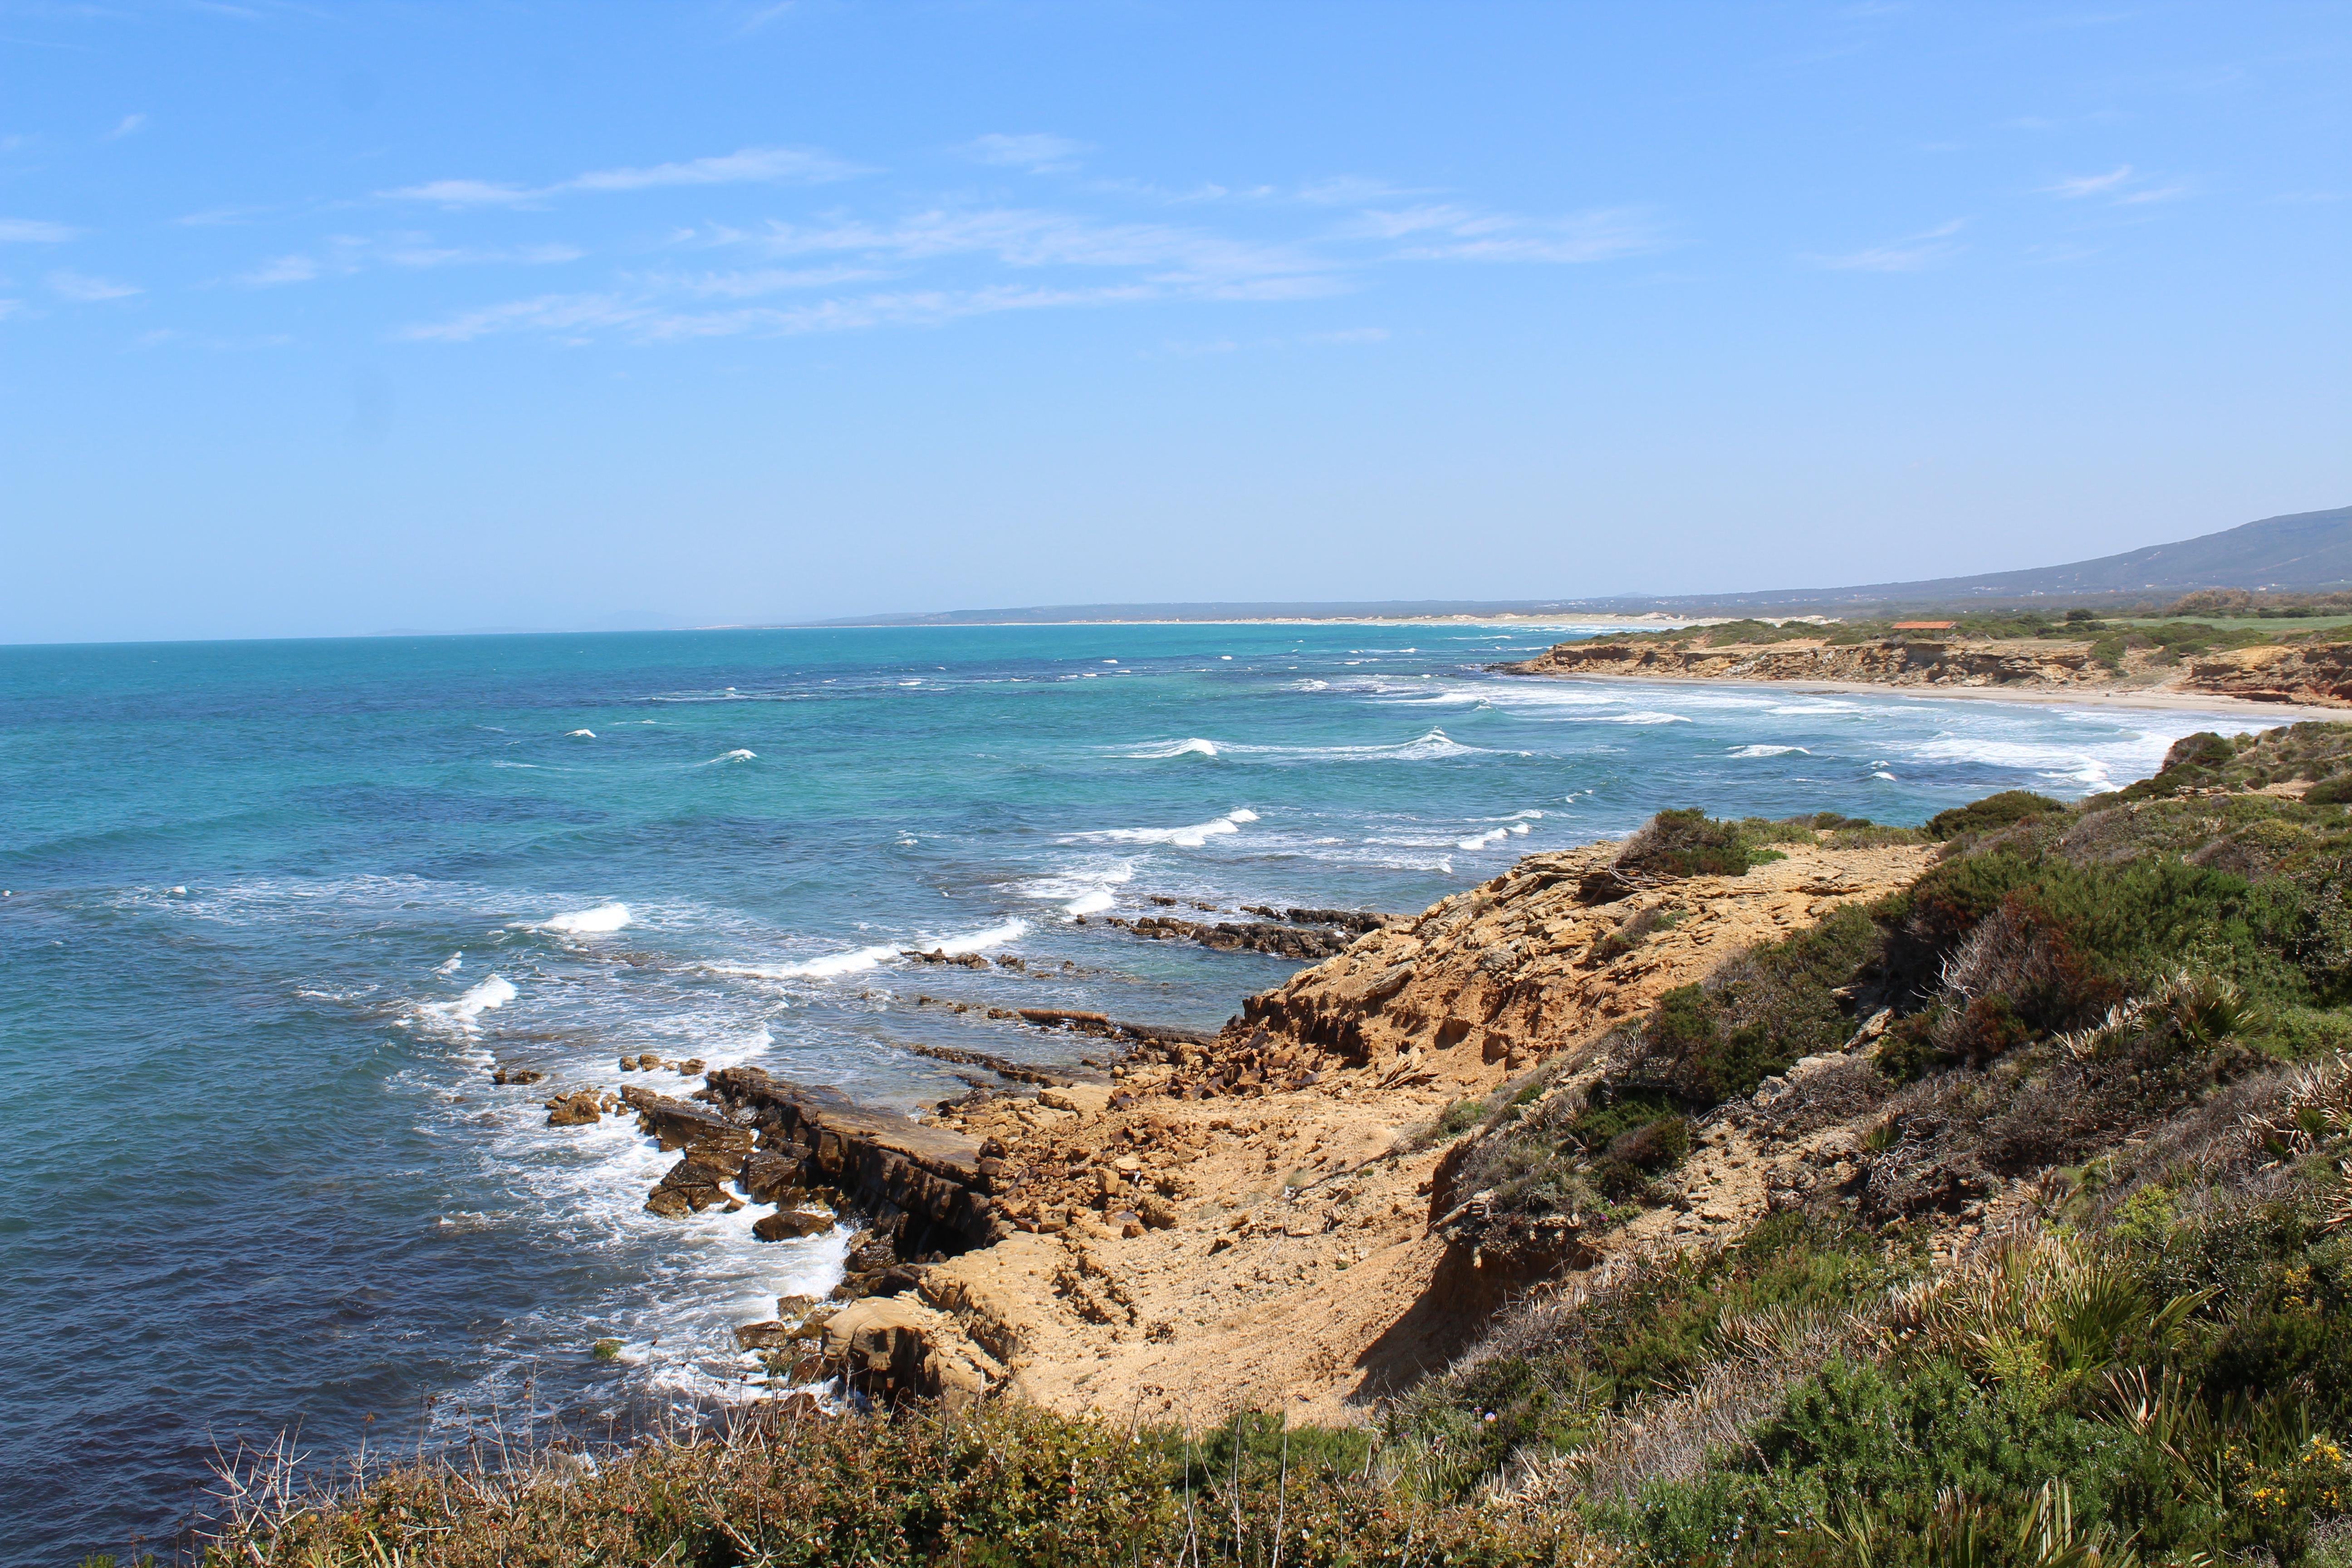 plage côtière de Rtiba